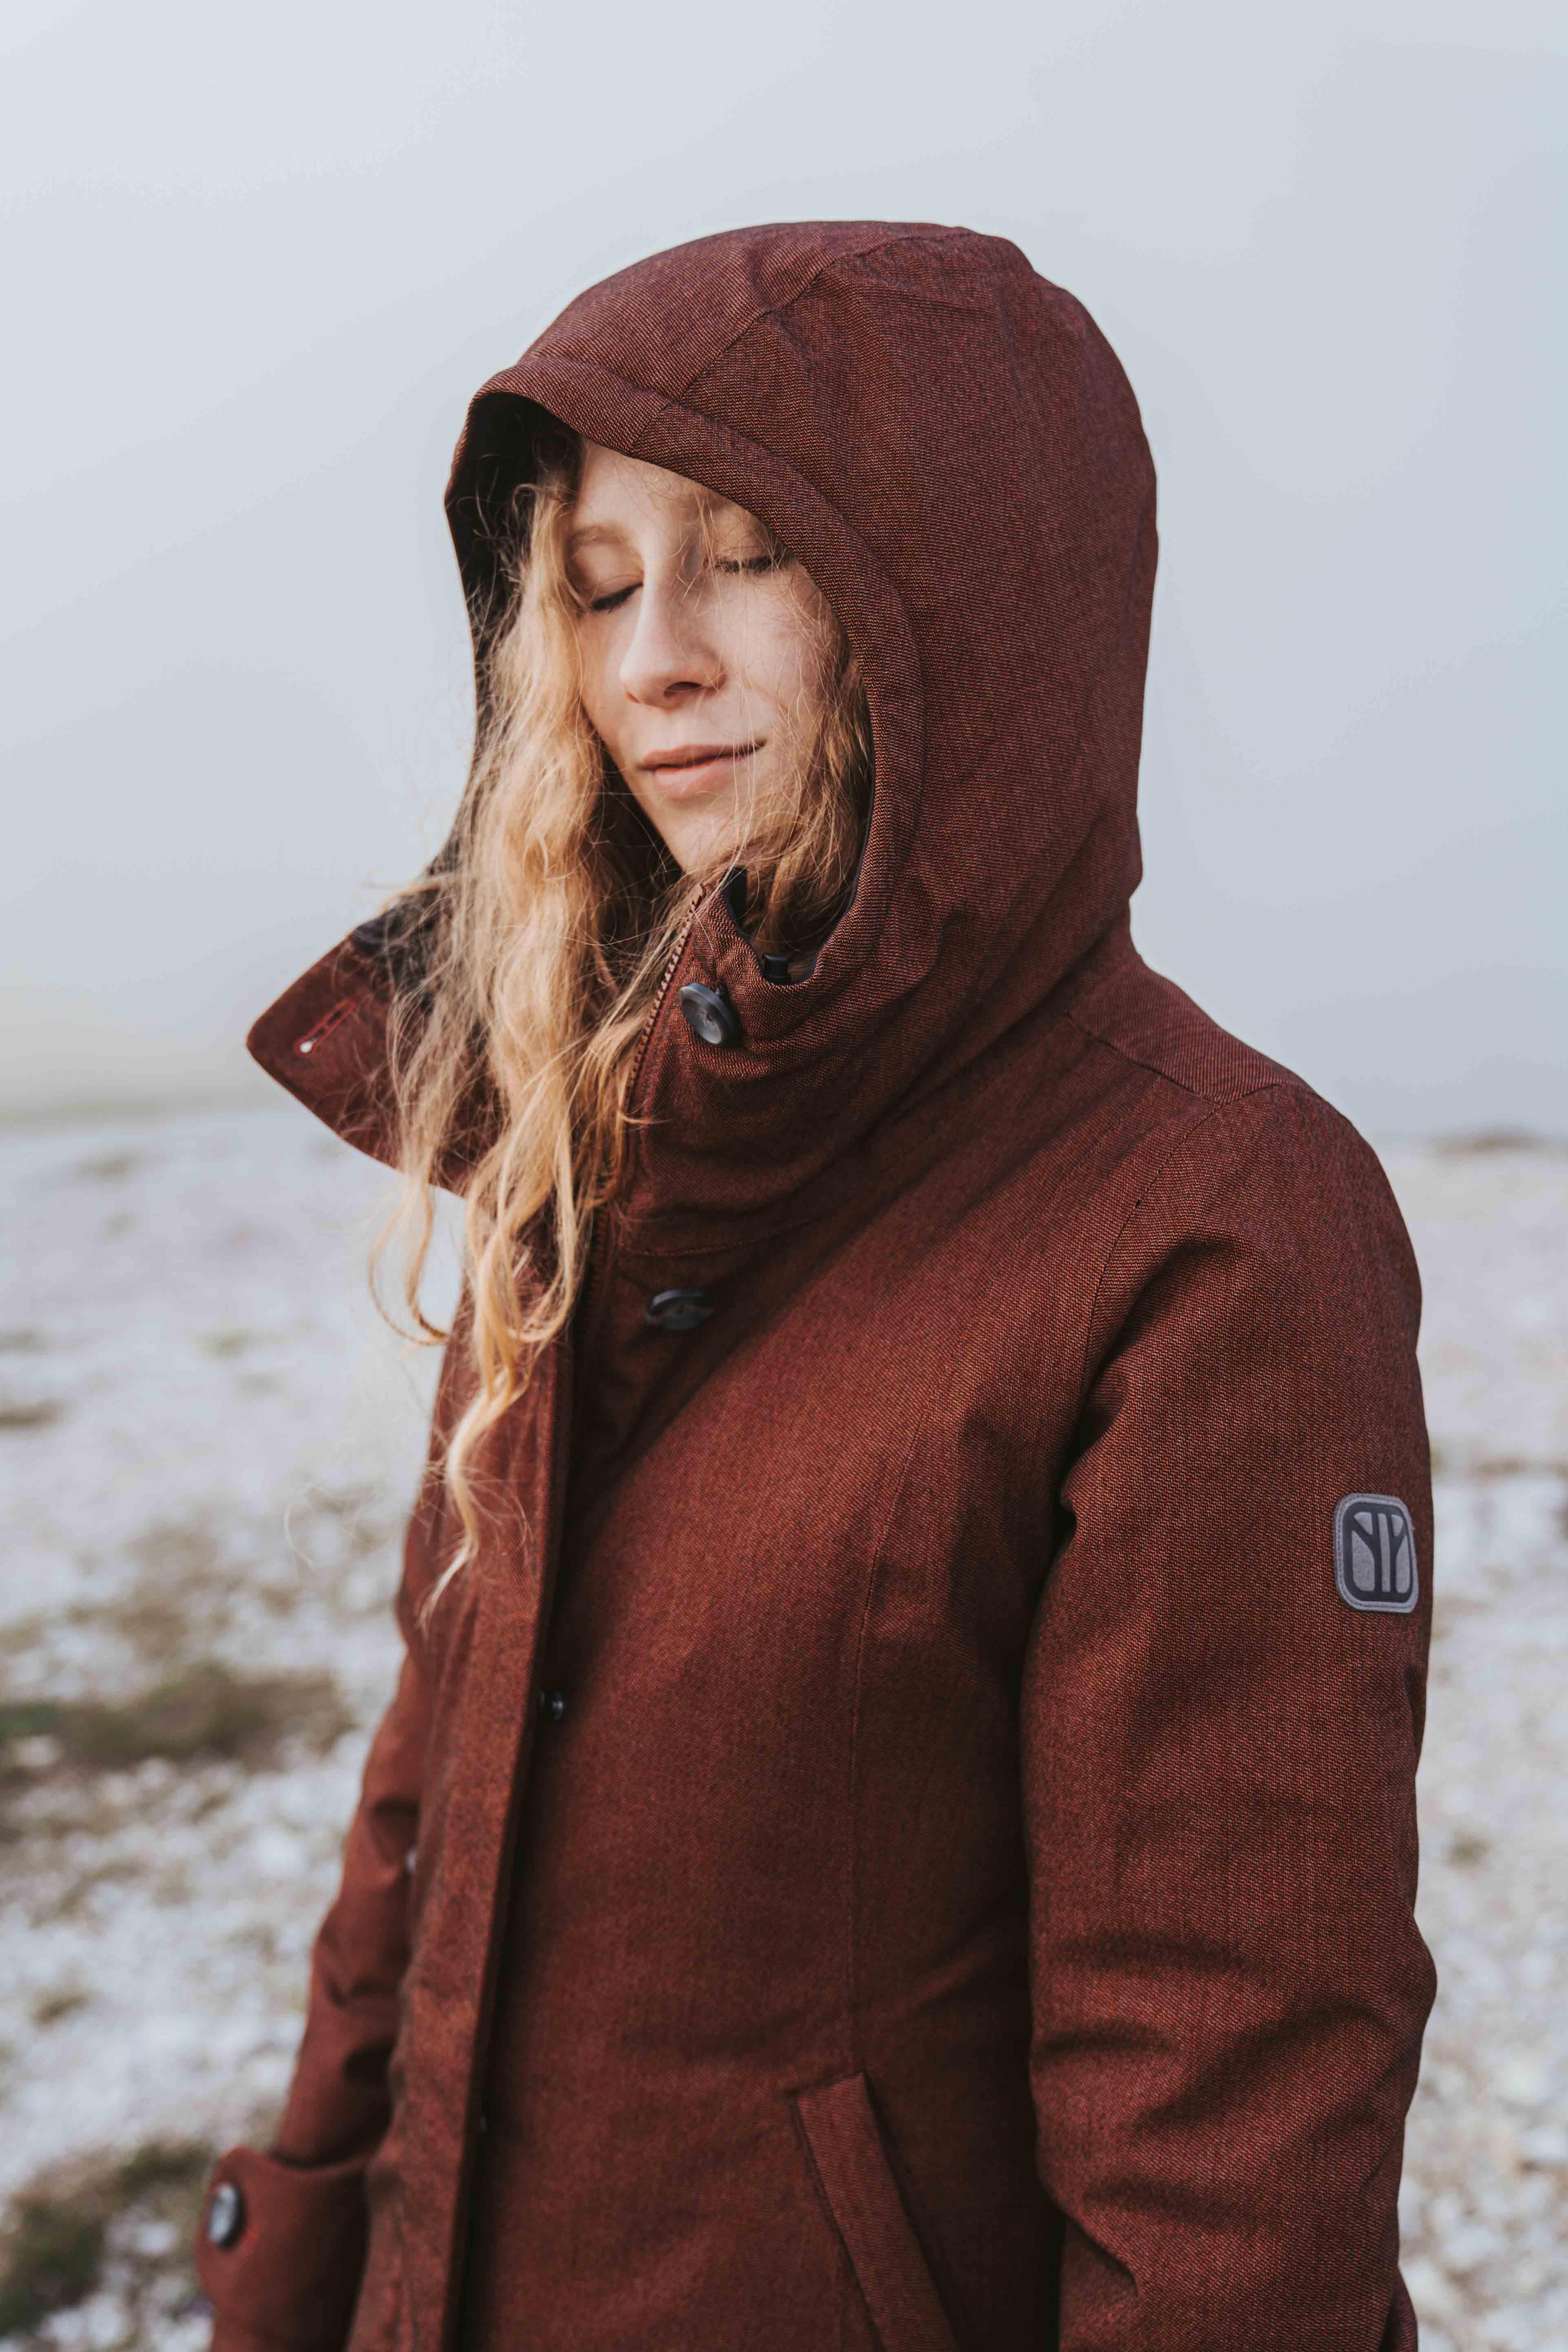 Women wearing red winter jacket by Elkline smiling